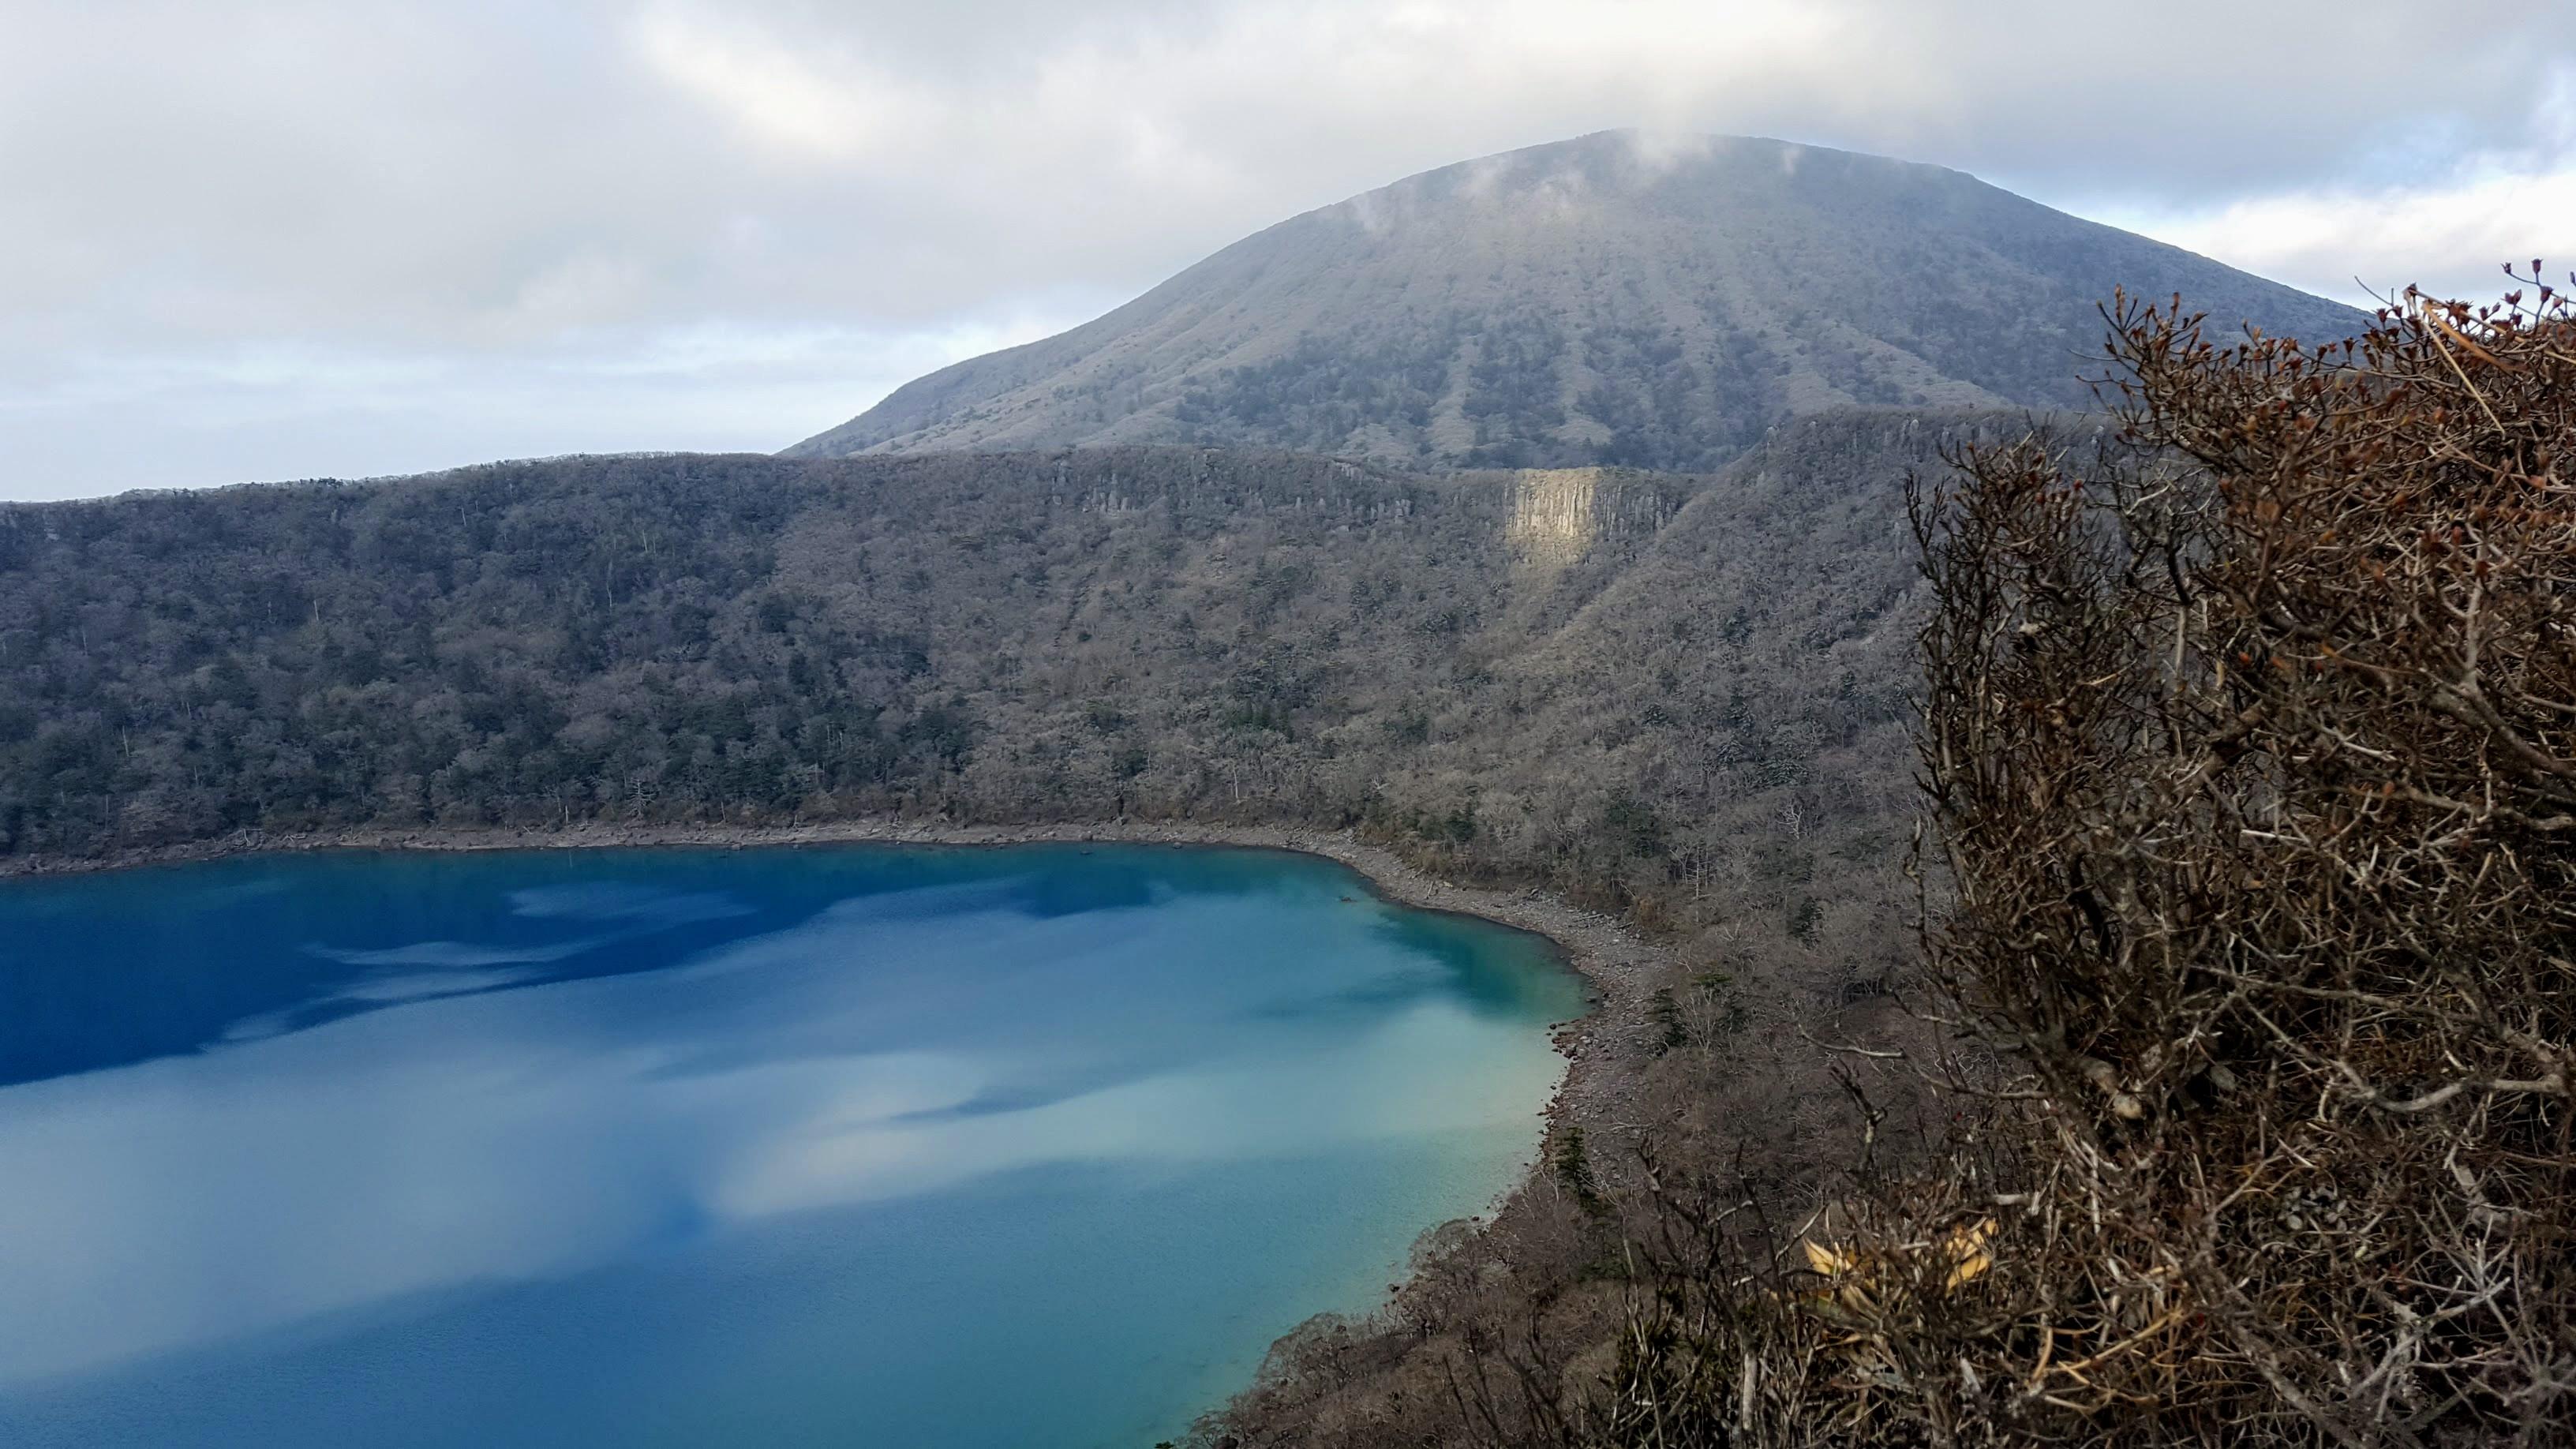 エメラルドブルーの大浪池と韓国岳